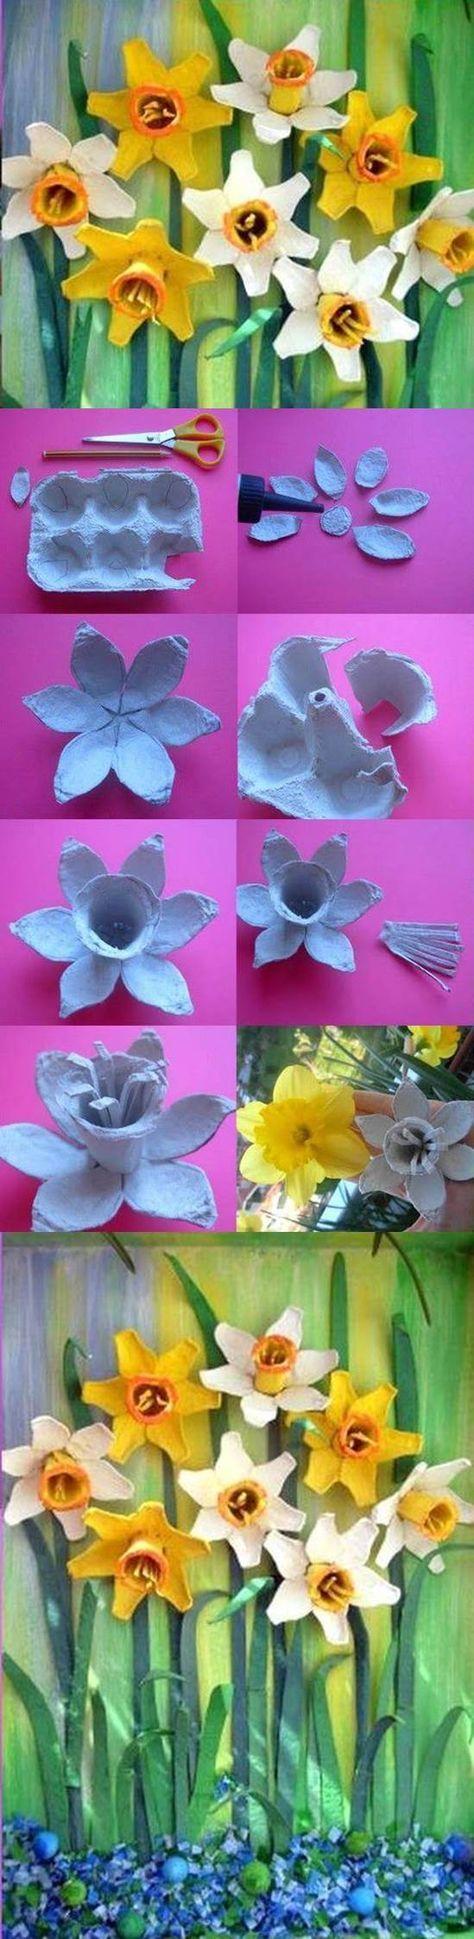 Daffodils!  http://rosijofarecon.blogspot.it/2009/03/narcisi-narcisi-narcisi-e-la-chiocciola.html